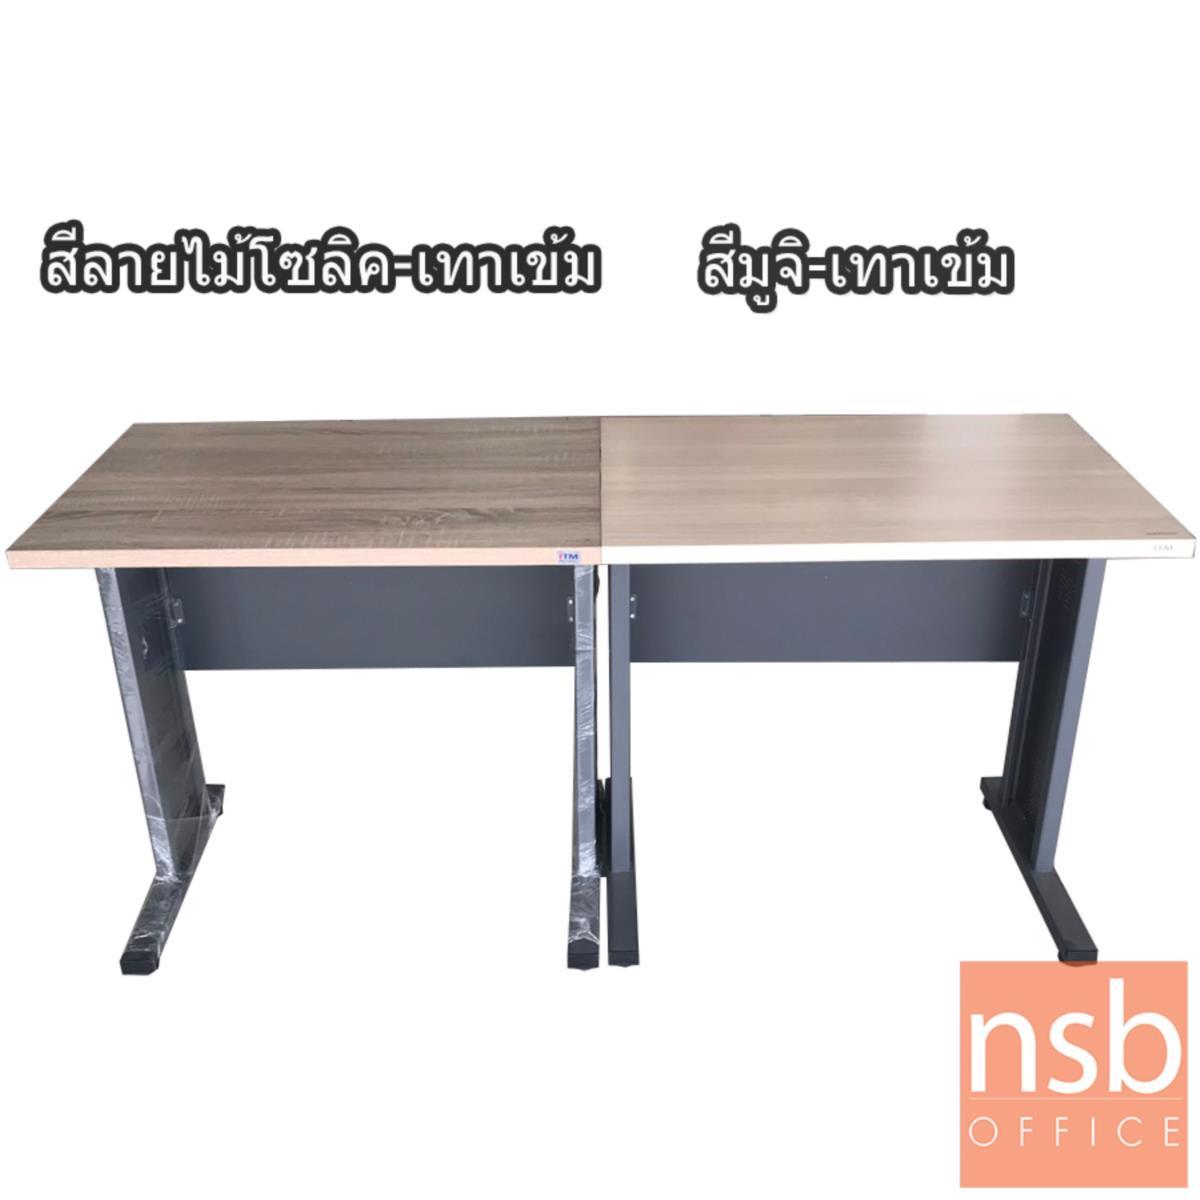 โต๊ะเข้ามุม รุ่น Prodigy (โพรดิจี้) ขนาด 120W cm. ขาเหล็ก  สีโซลิคตัดเทาเข้มหรือสีมูจิตัดเทาเข้ม